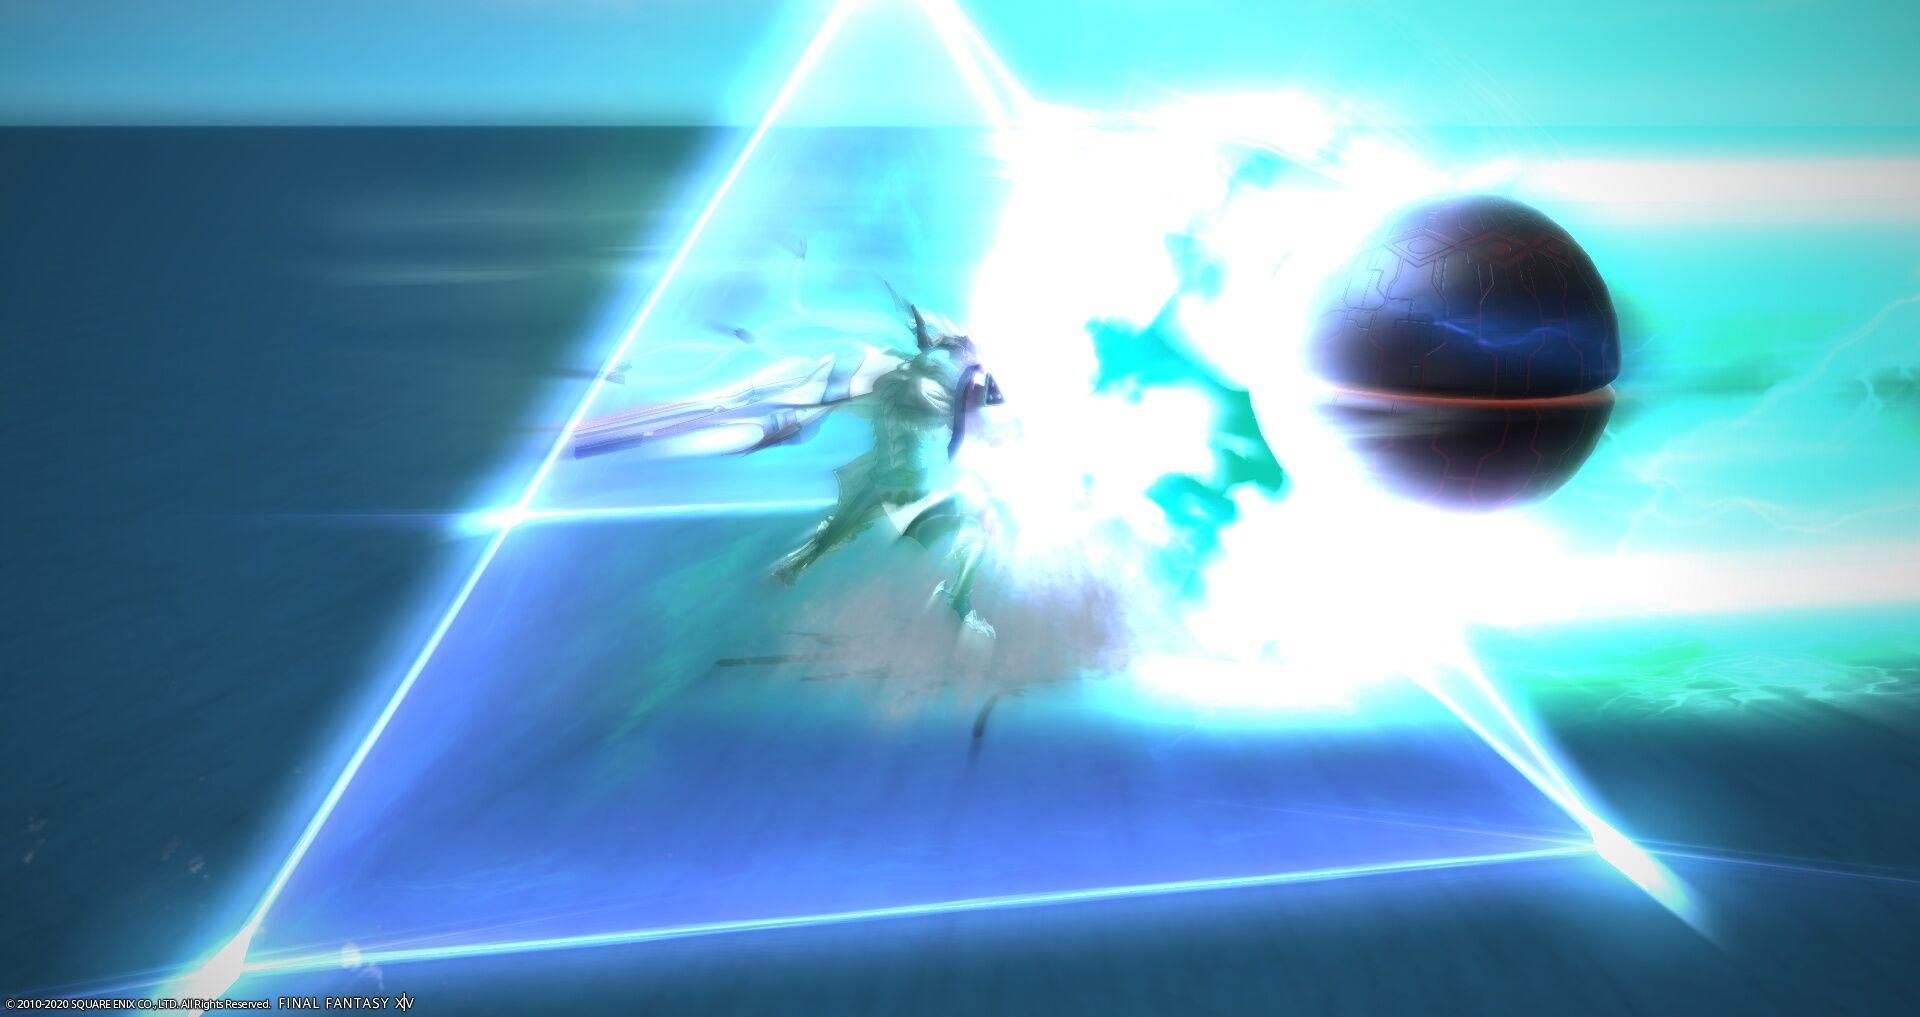 戦役 Ff14 ウェルリト 【FF14】下手でも簡単にウェルリト戦役(飛べ! ウェルリトへ)を攻略する方法